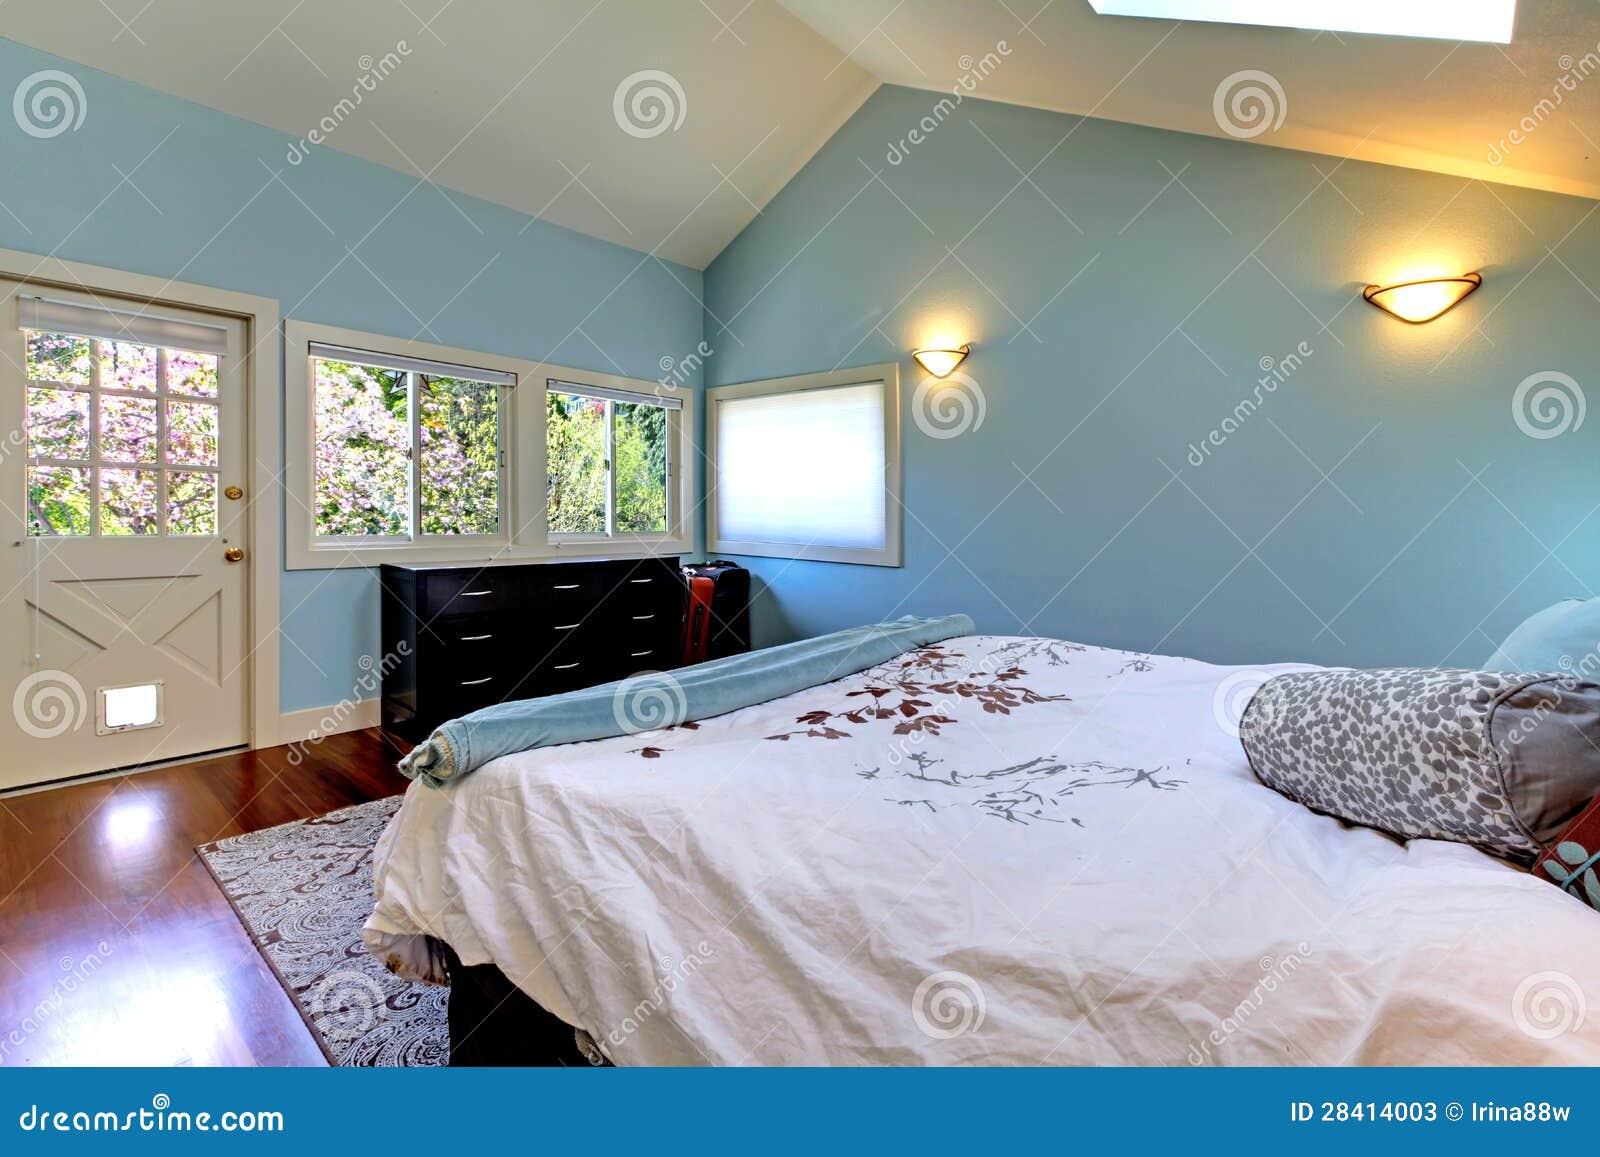 Slaapkamer design blauwe gehoor geven aan uw huis - Slaapkamer design slaapkamer ...